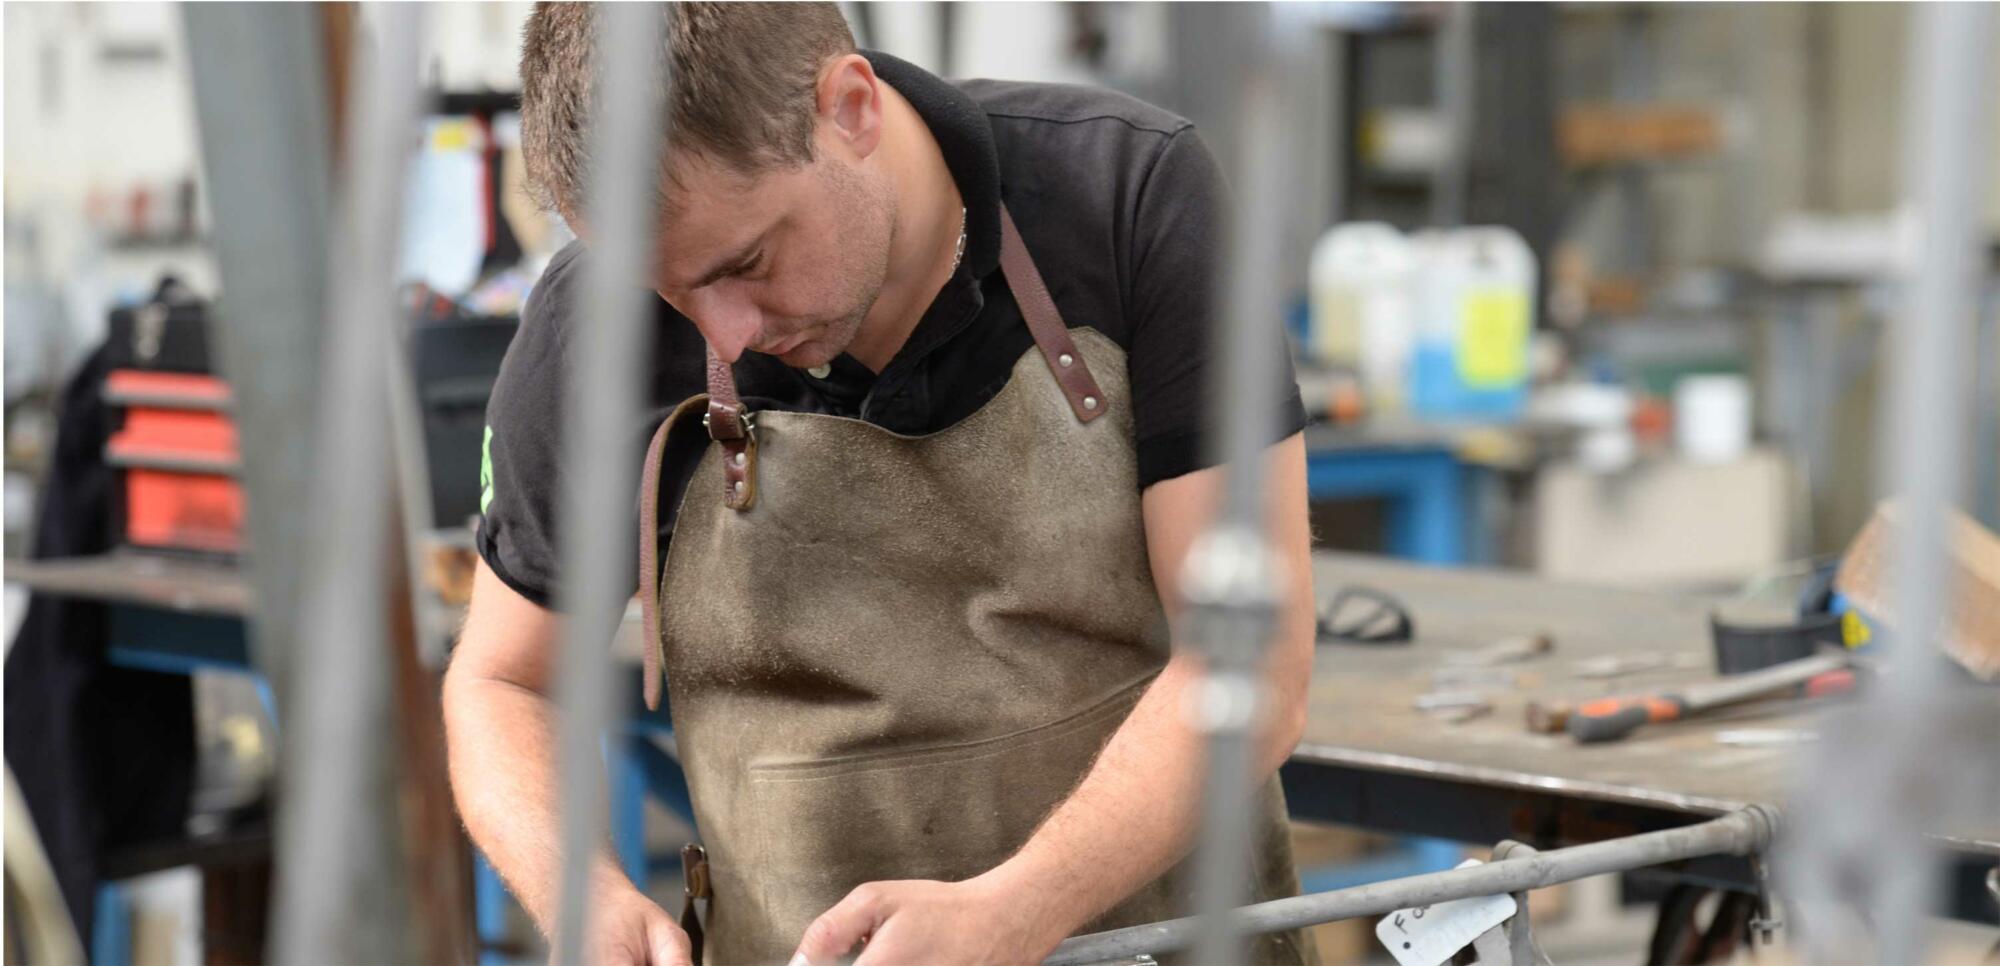 Atelier ferronnerie metallerie d'art